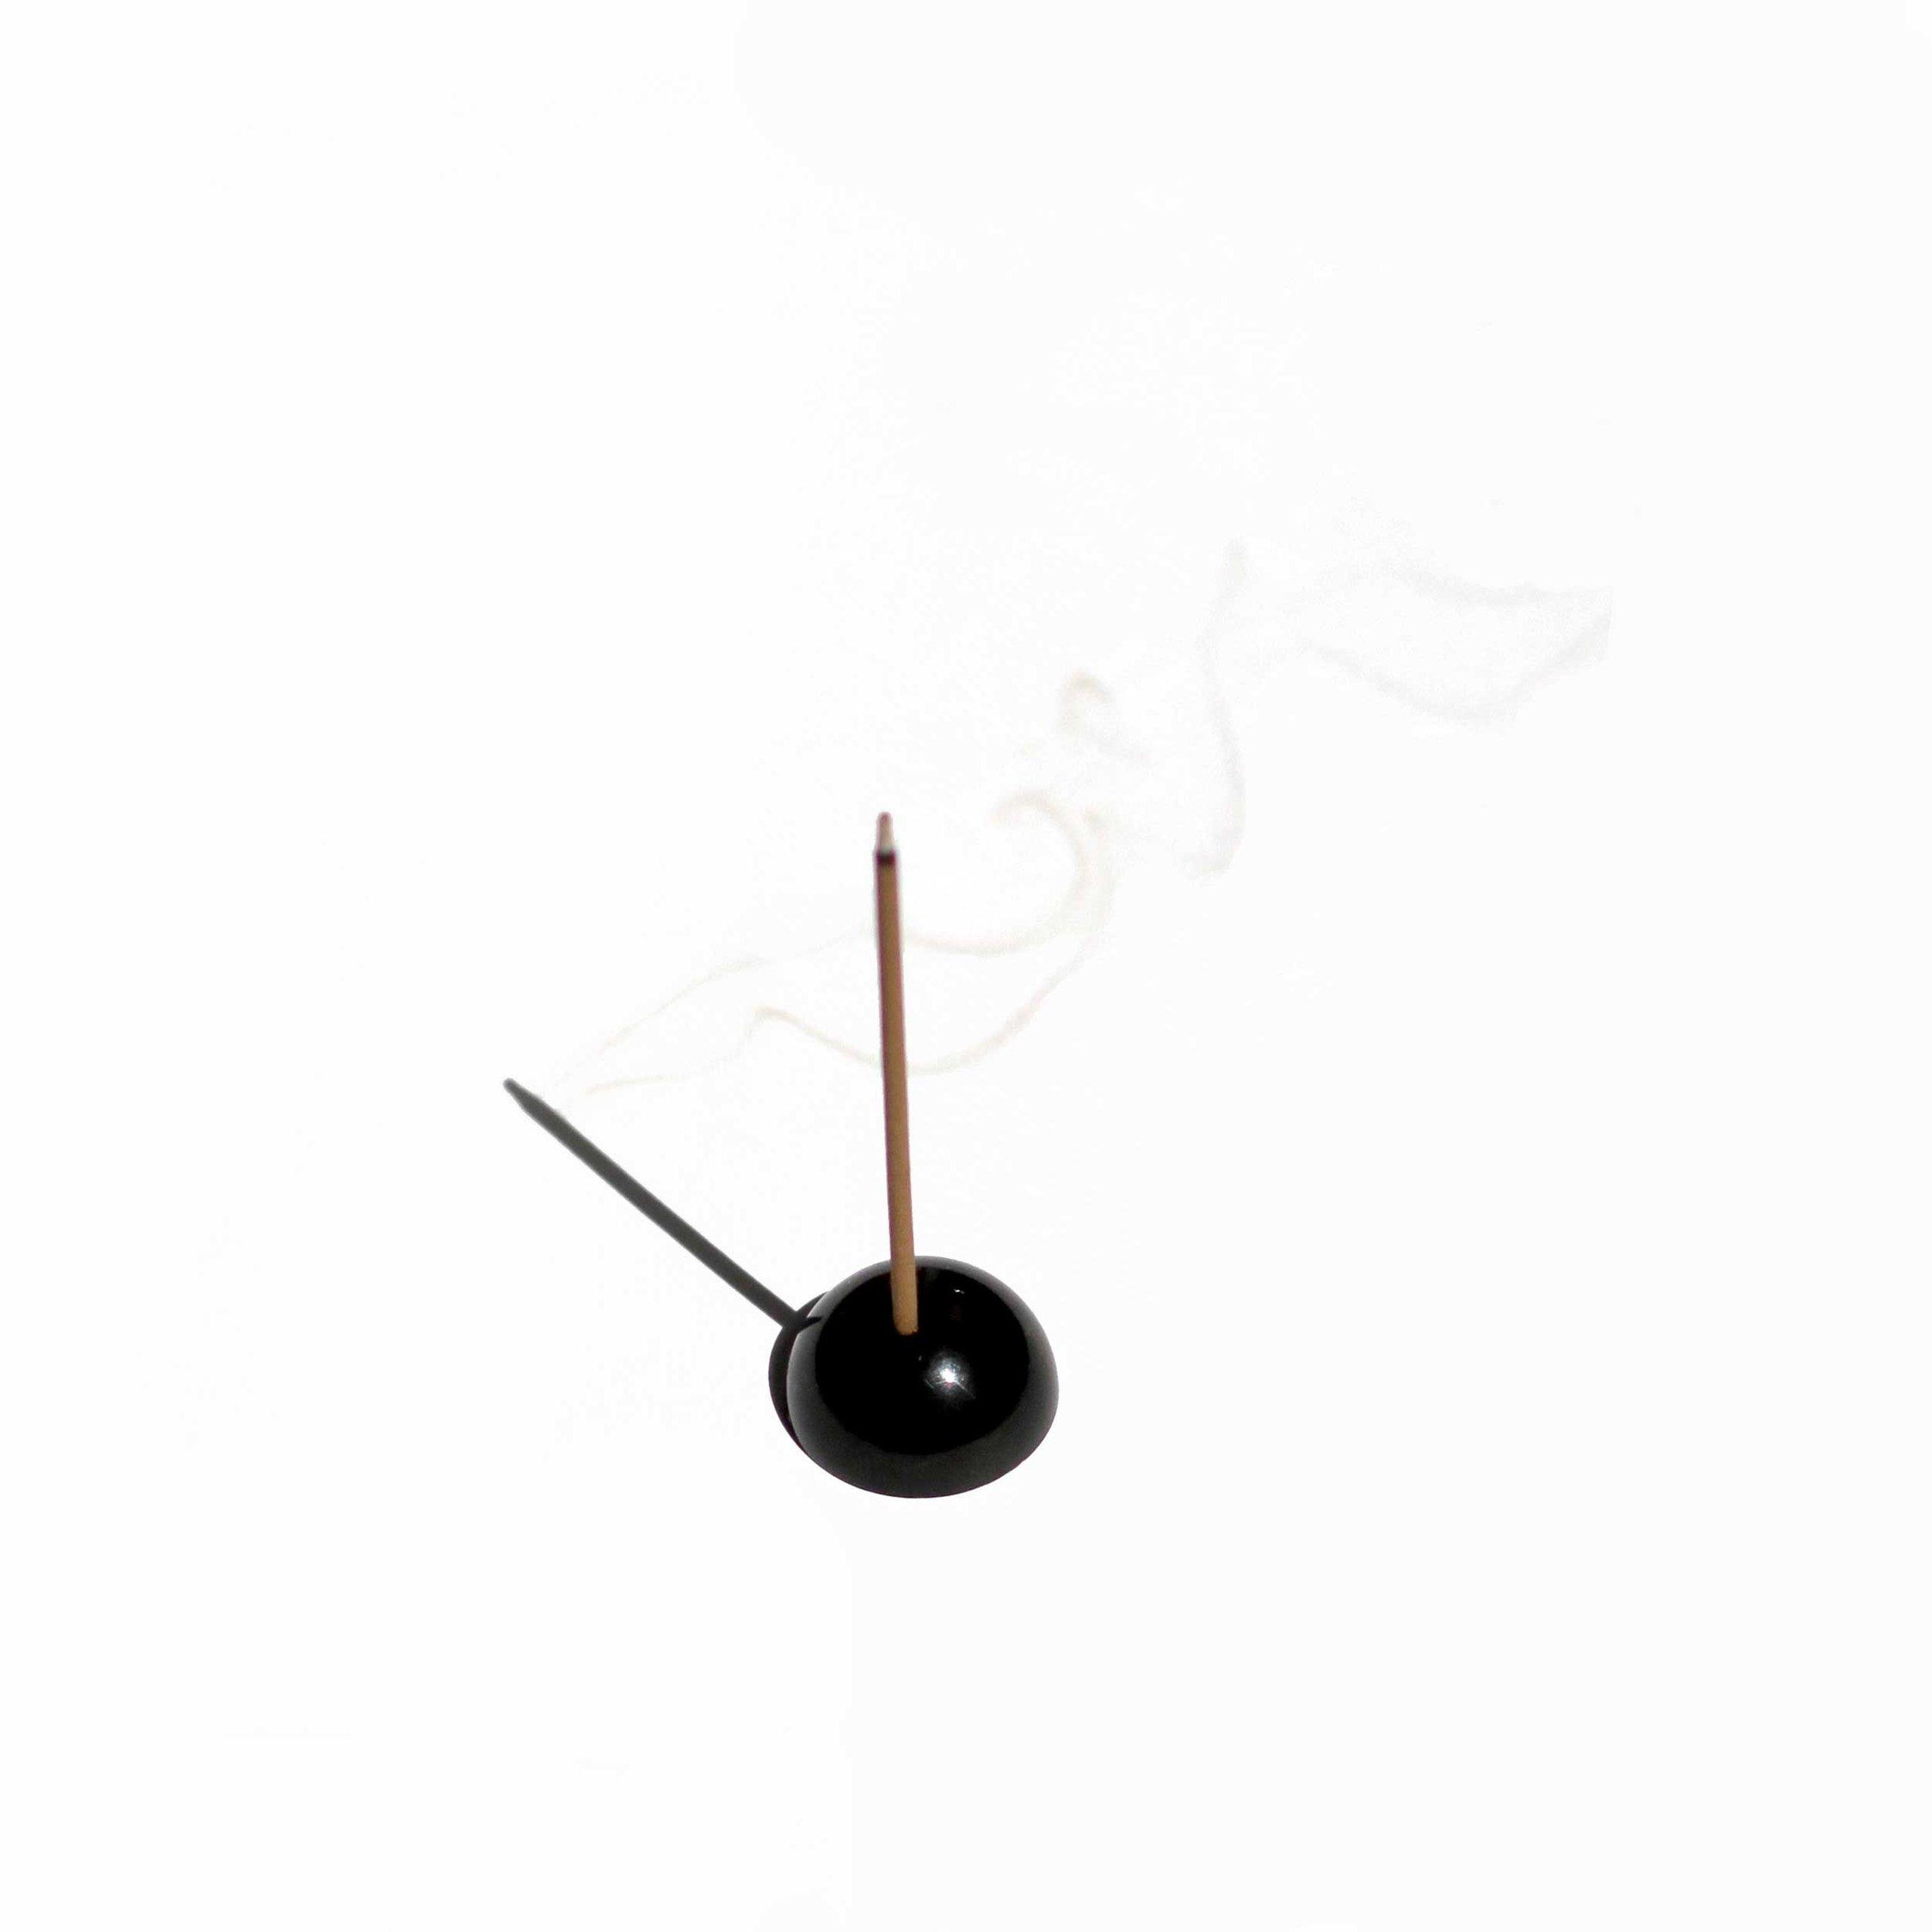 web-black-dome-incense-stick-holder_001.jpg